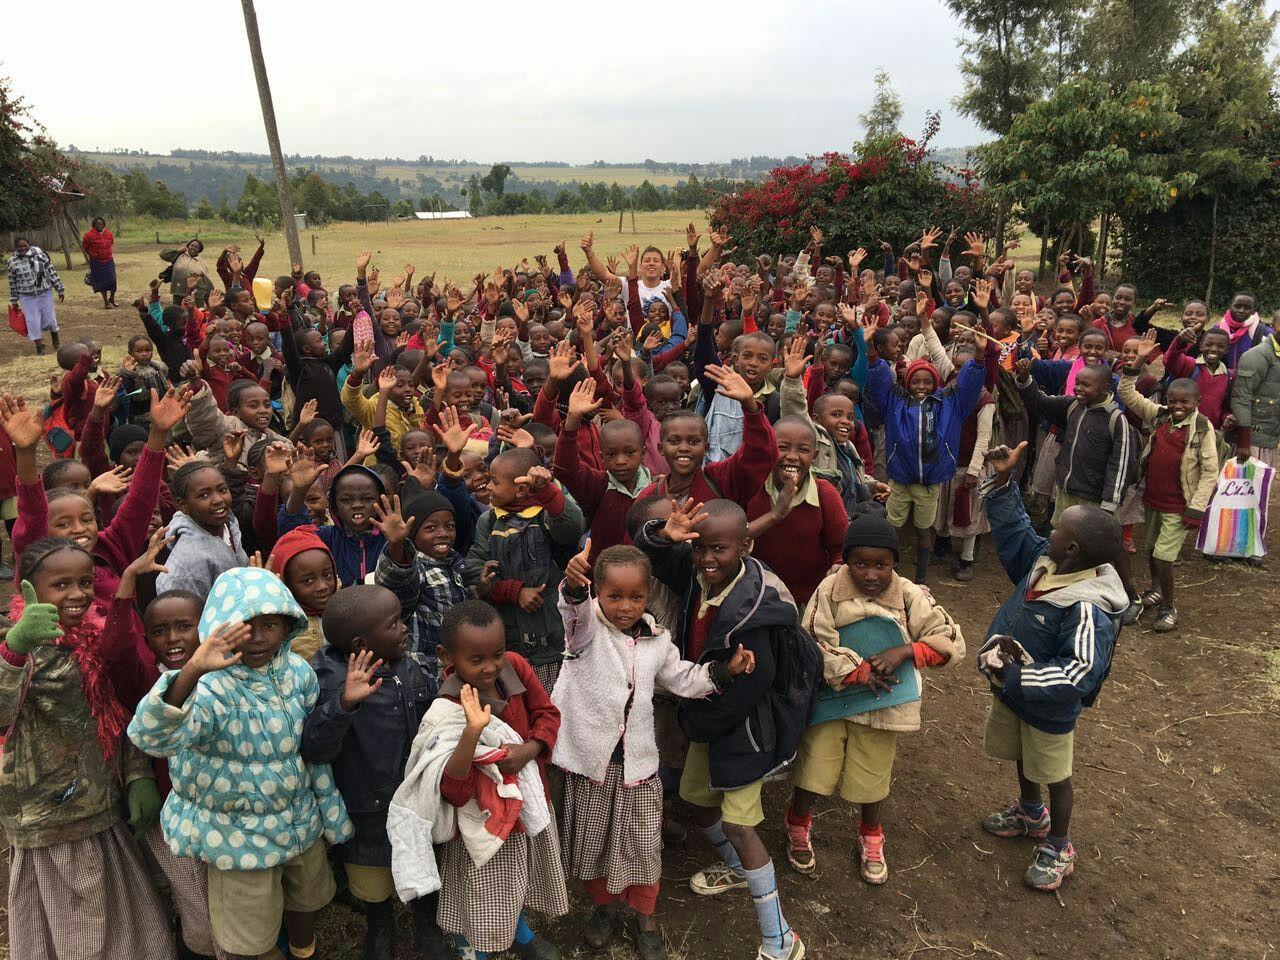 Volunteer work in Africa of David Bedoya